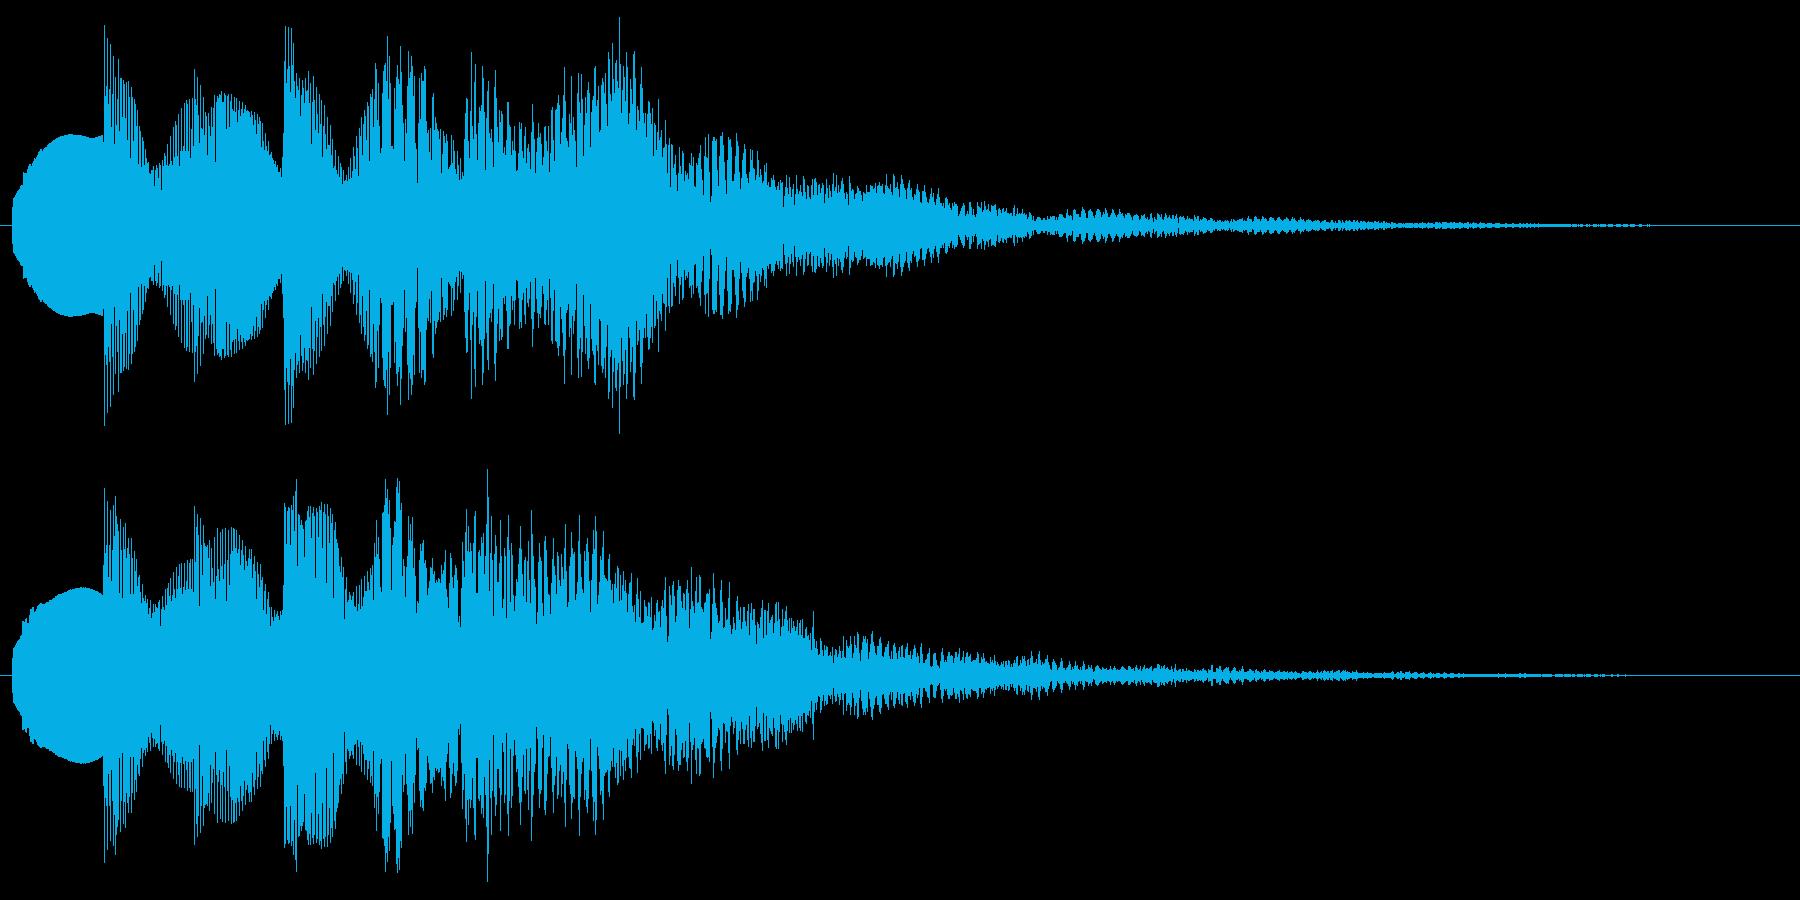 綺麗な音 透明感のあるサウンドロゴの再生済みの波形